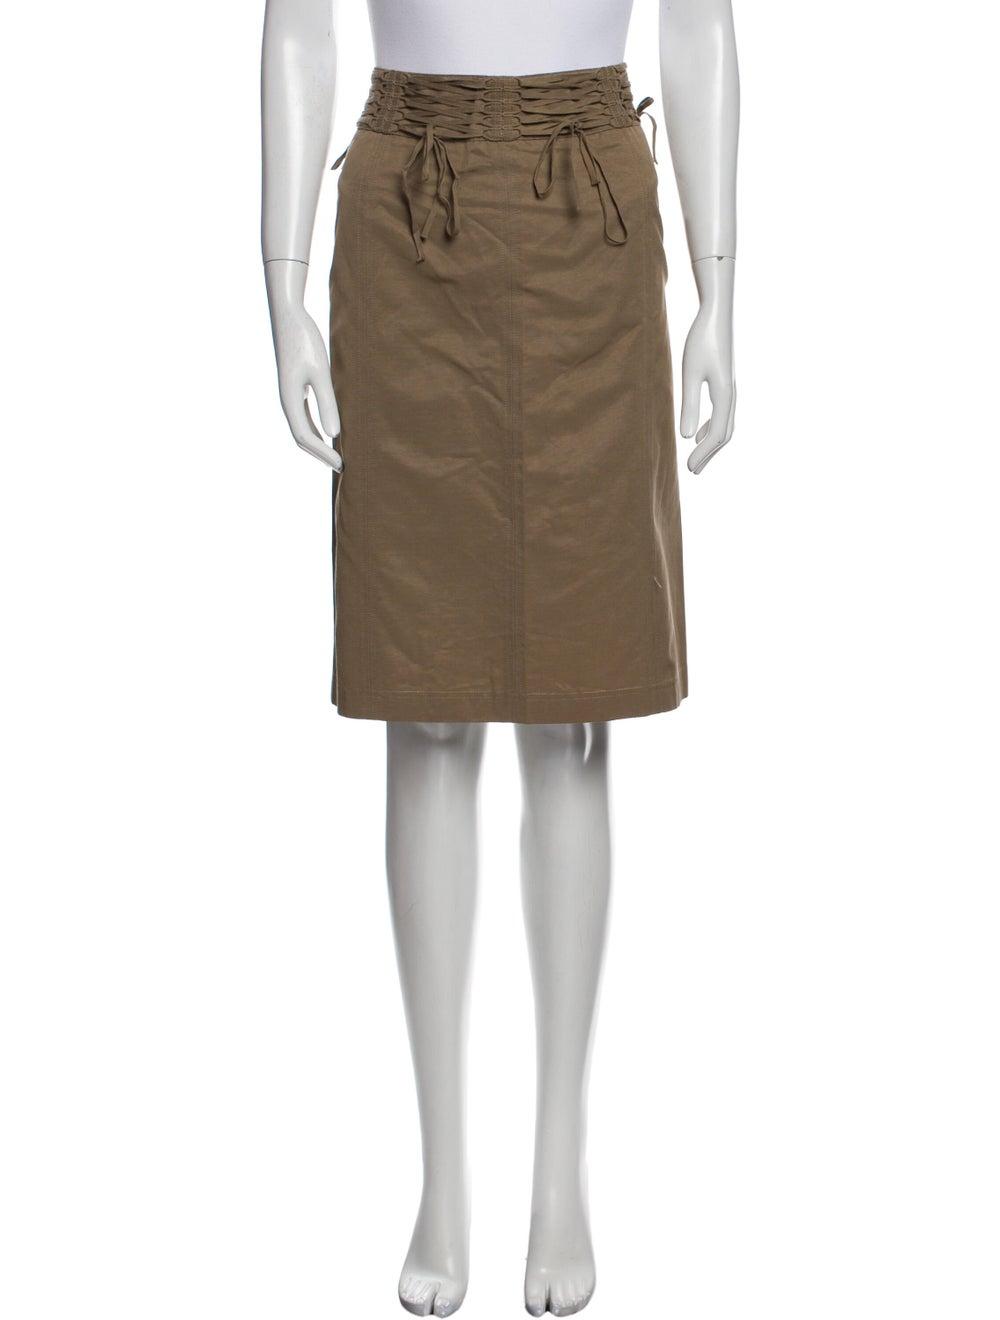 Plein Sud Knee-Length Skirt - image 1